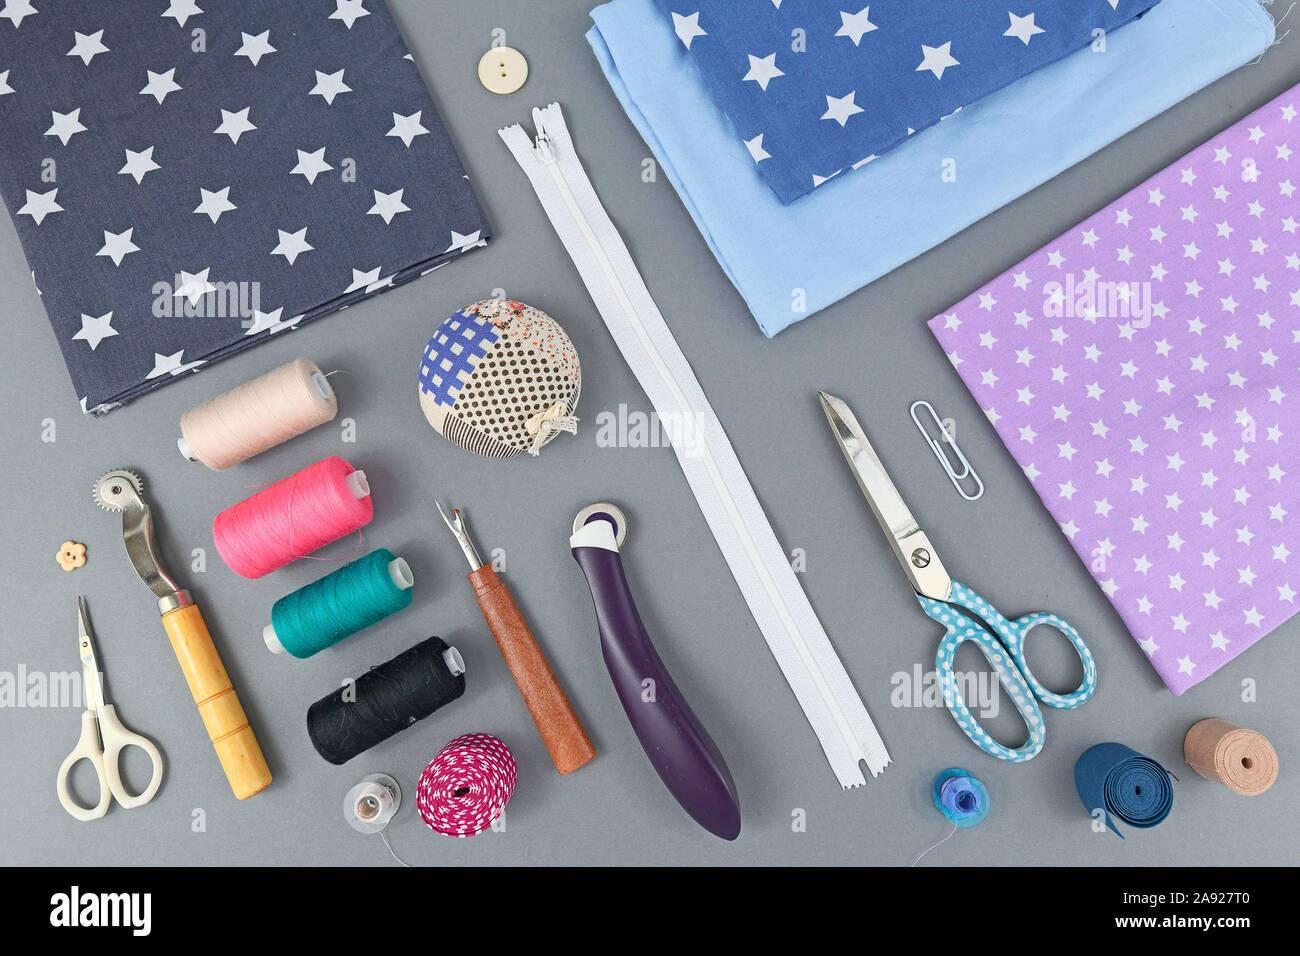 Planos generales sentar con diferentes herramientas como costura, tejido de hilo, zipper, tijeras, el carrete, hilo separador, almohadón o la segadora rotativa en g Foto de stock